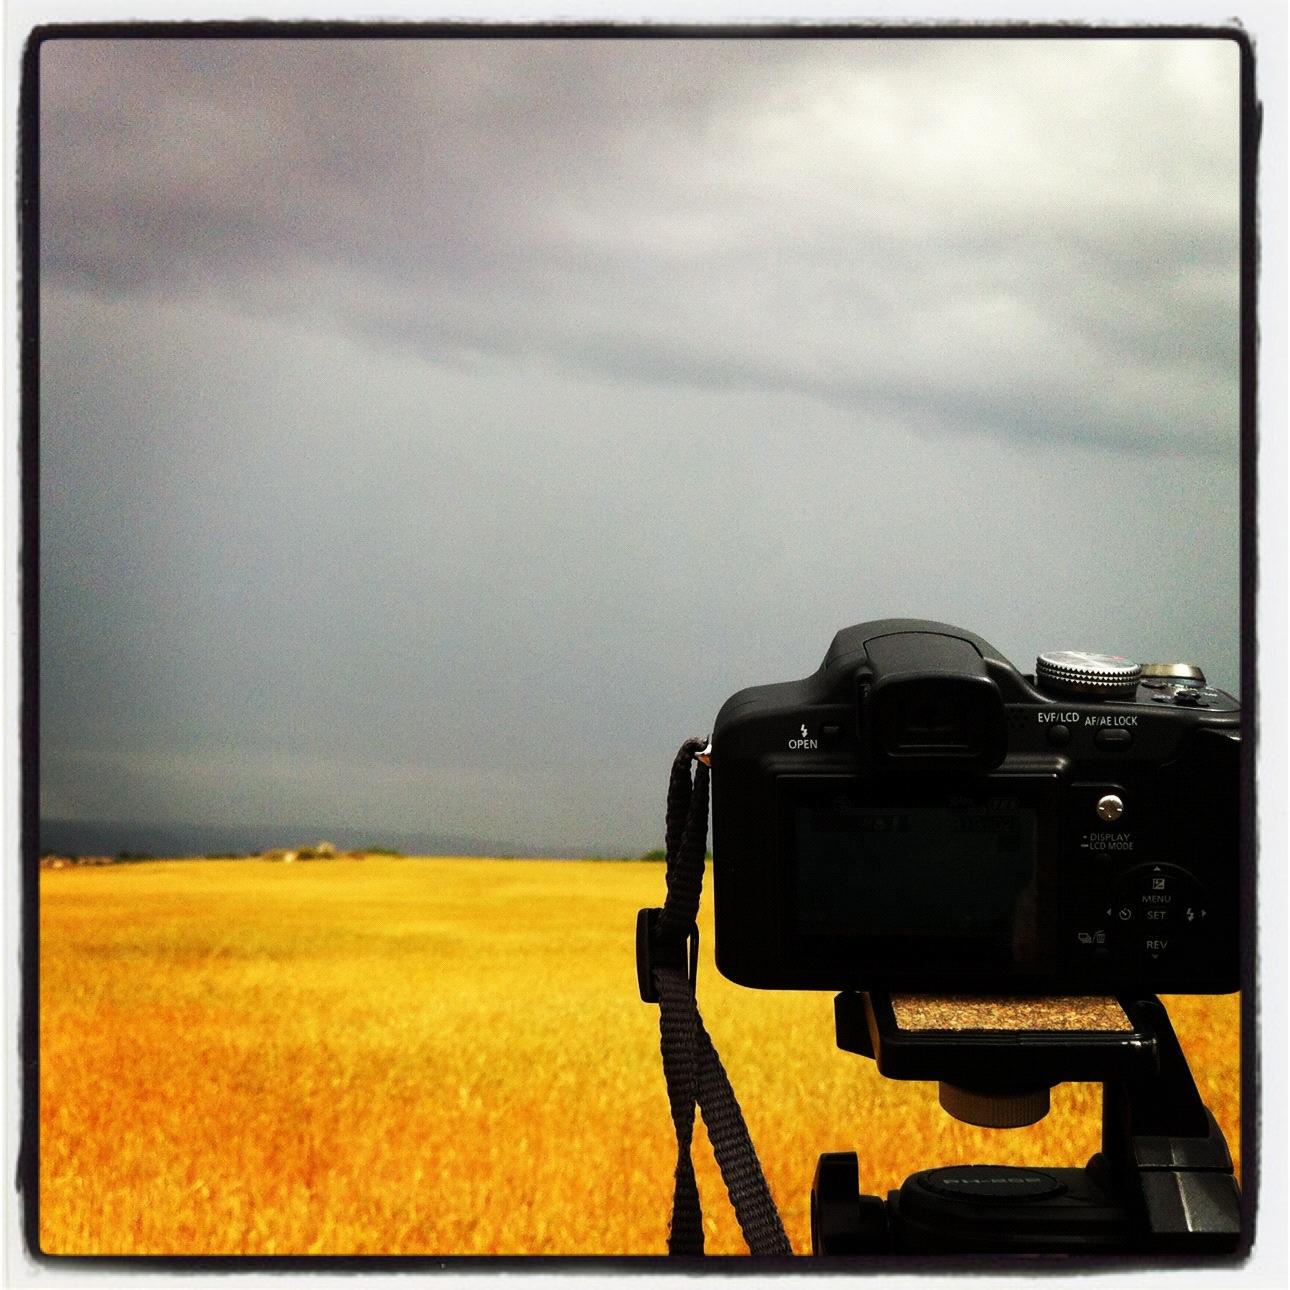 Grabando la tormenta, por fin una con chicha... Foto Emilio Rey